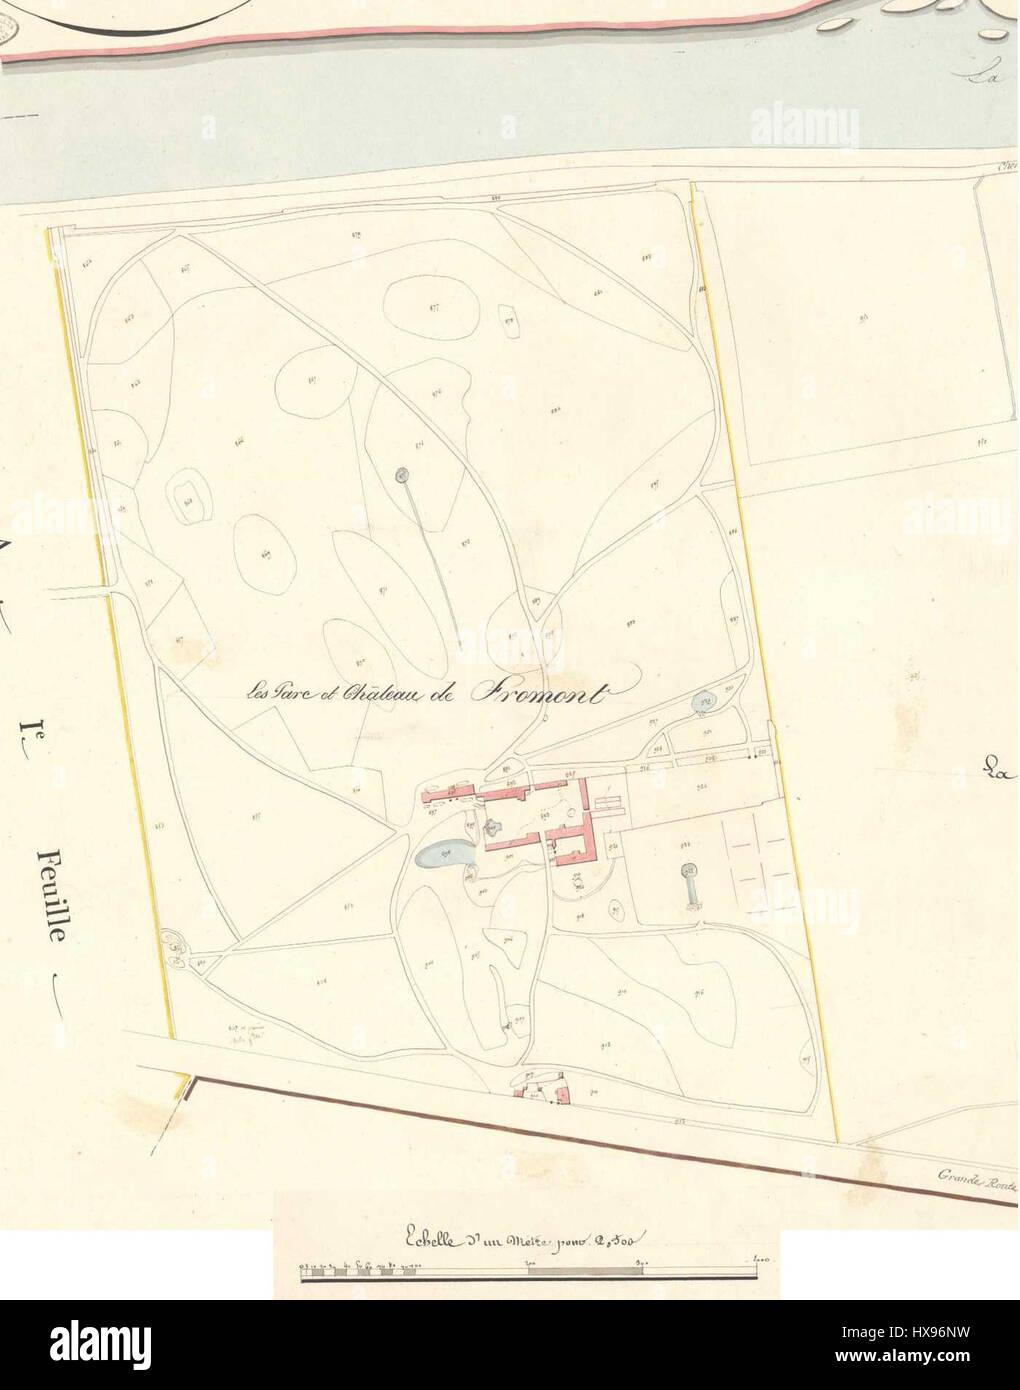 Plan Cadastre Napoleon Fromont Stock Photo Alamy